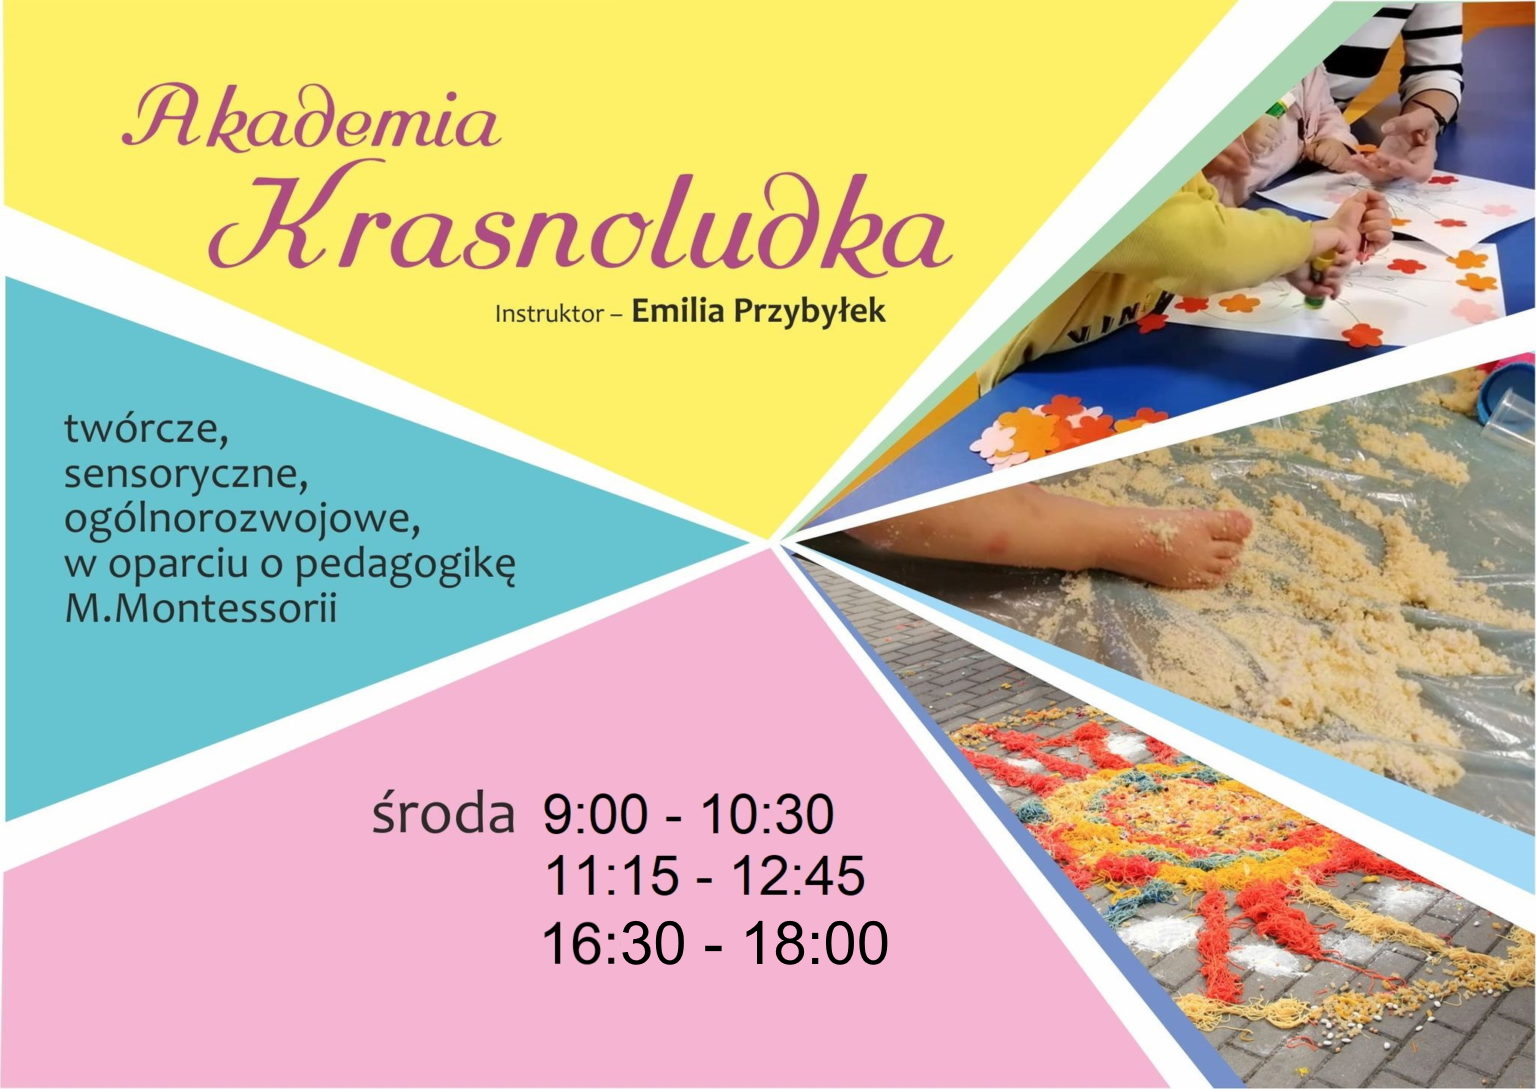 Akademie Krasnoludka zajęcia twórcze, sensoryczne ogólnorozwojowe w oparciu o pedagogikę M.Montessorii